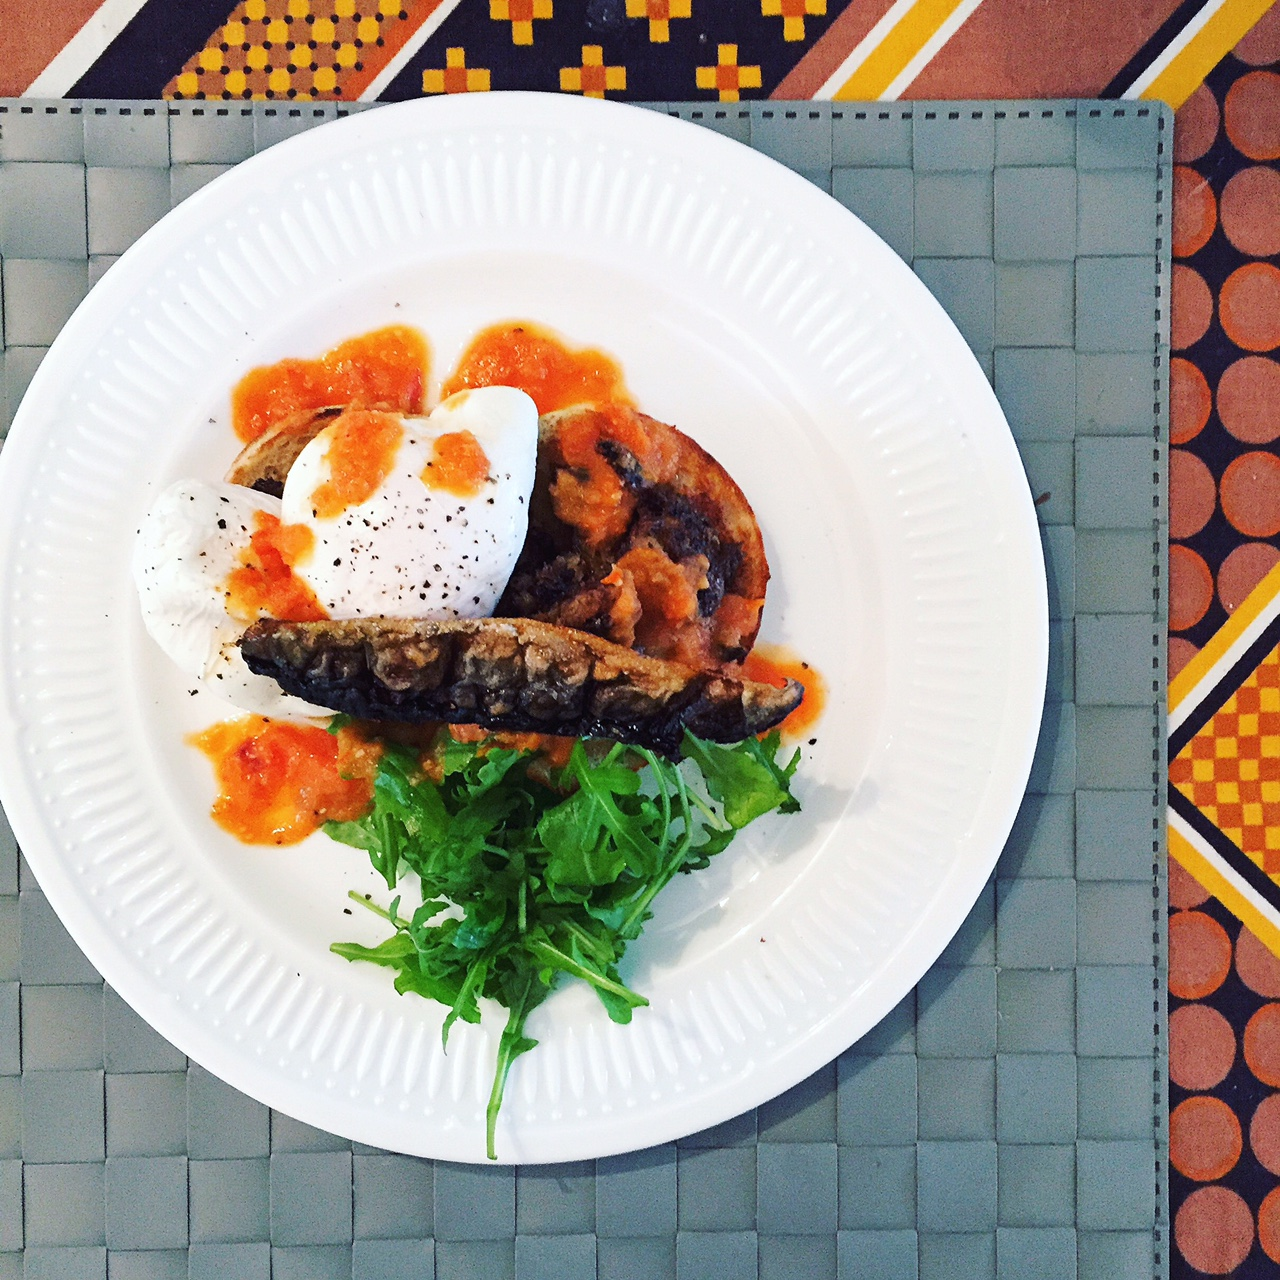 mackerel_breakfast_egg_chelt_blog_homemade.JPG